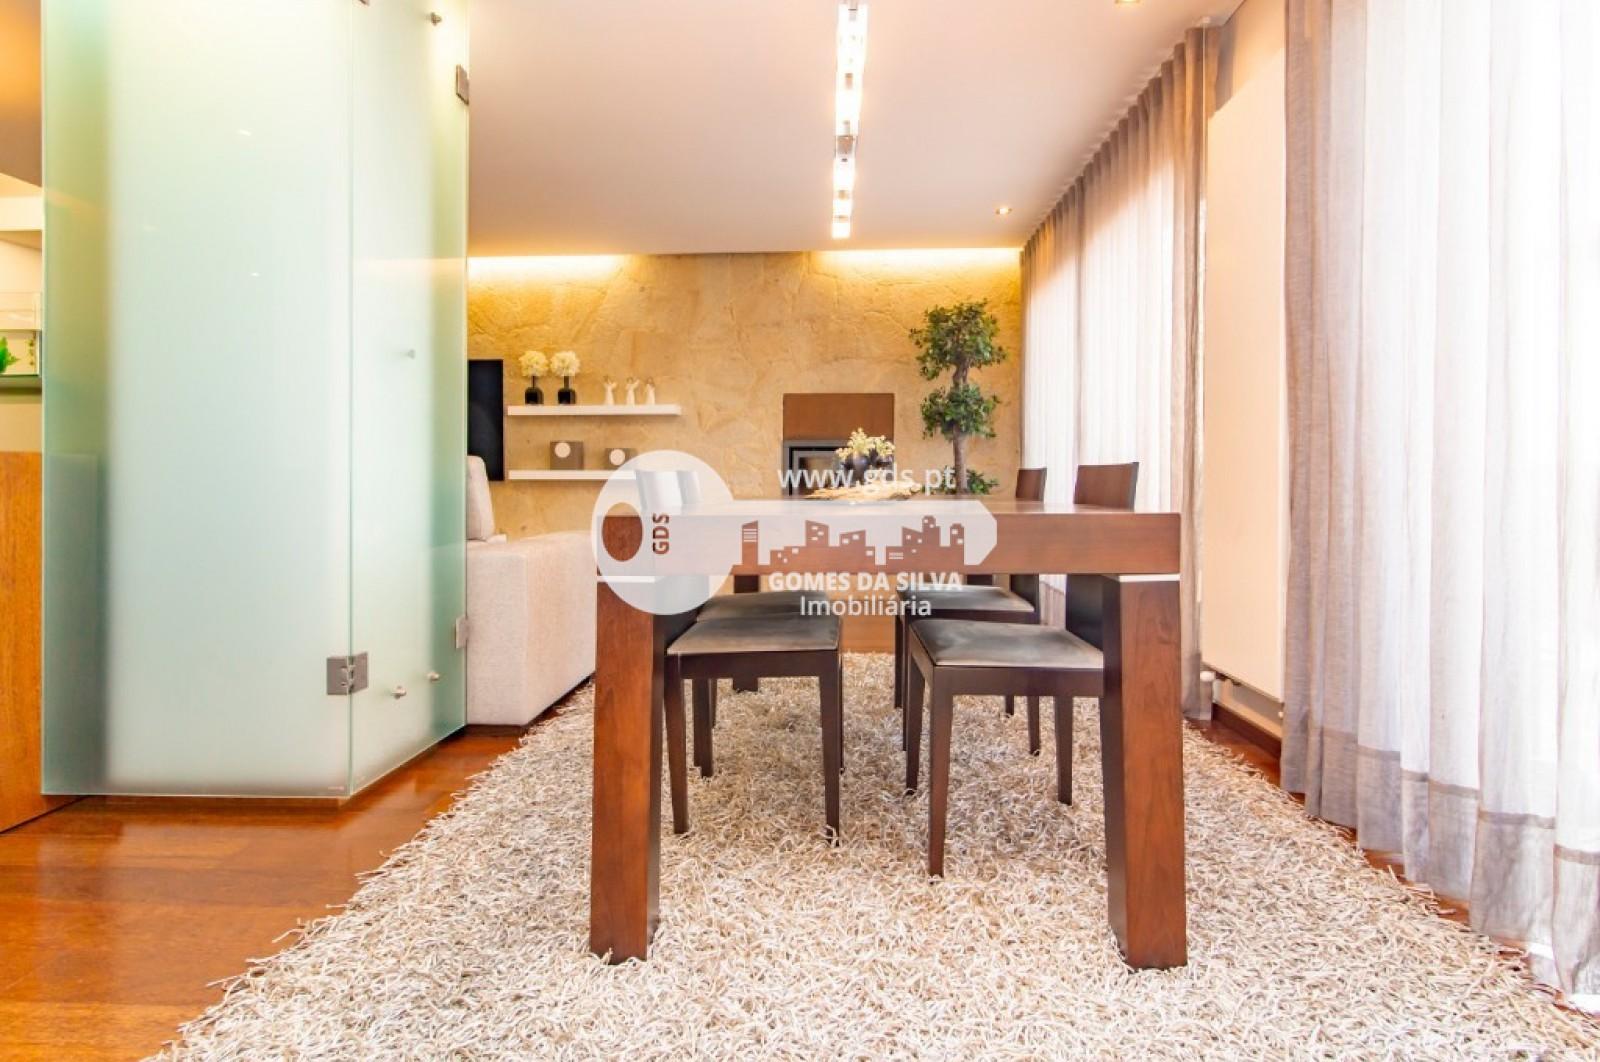 Apartamento T3 para Venda em Nogueira, Fraião e Lamaçães, Braga, Braga - Imagem 19